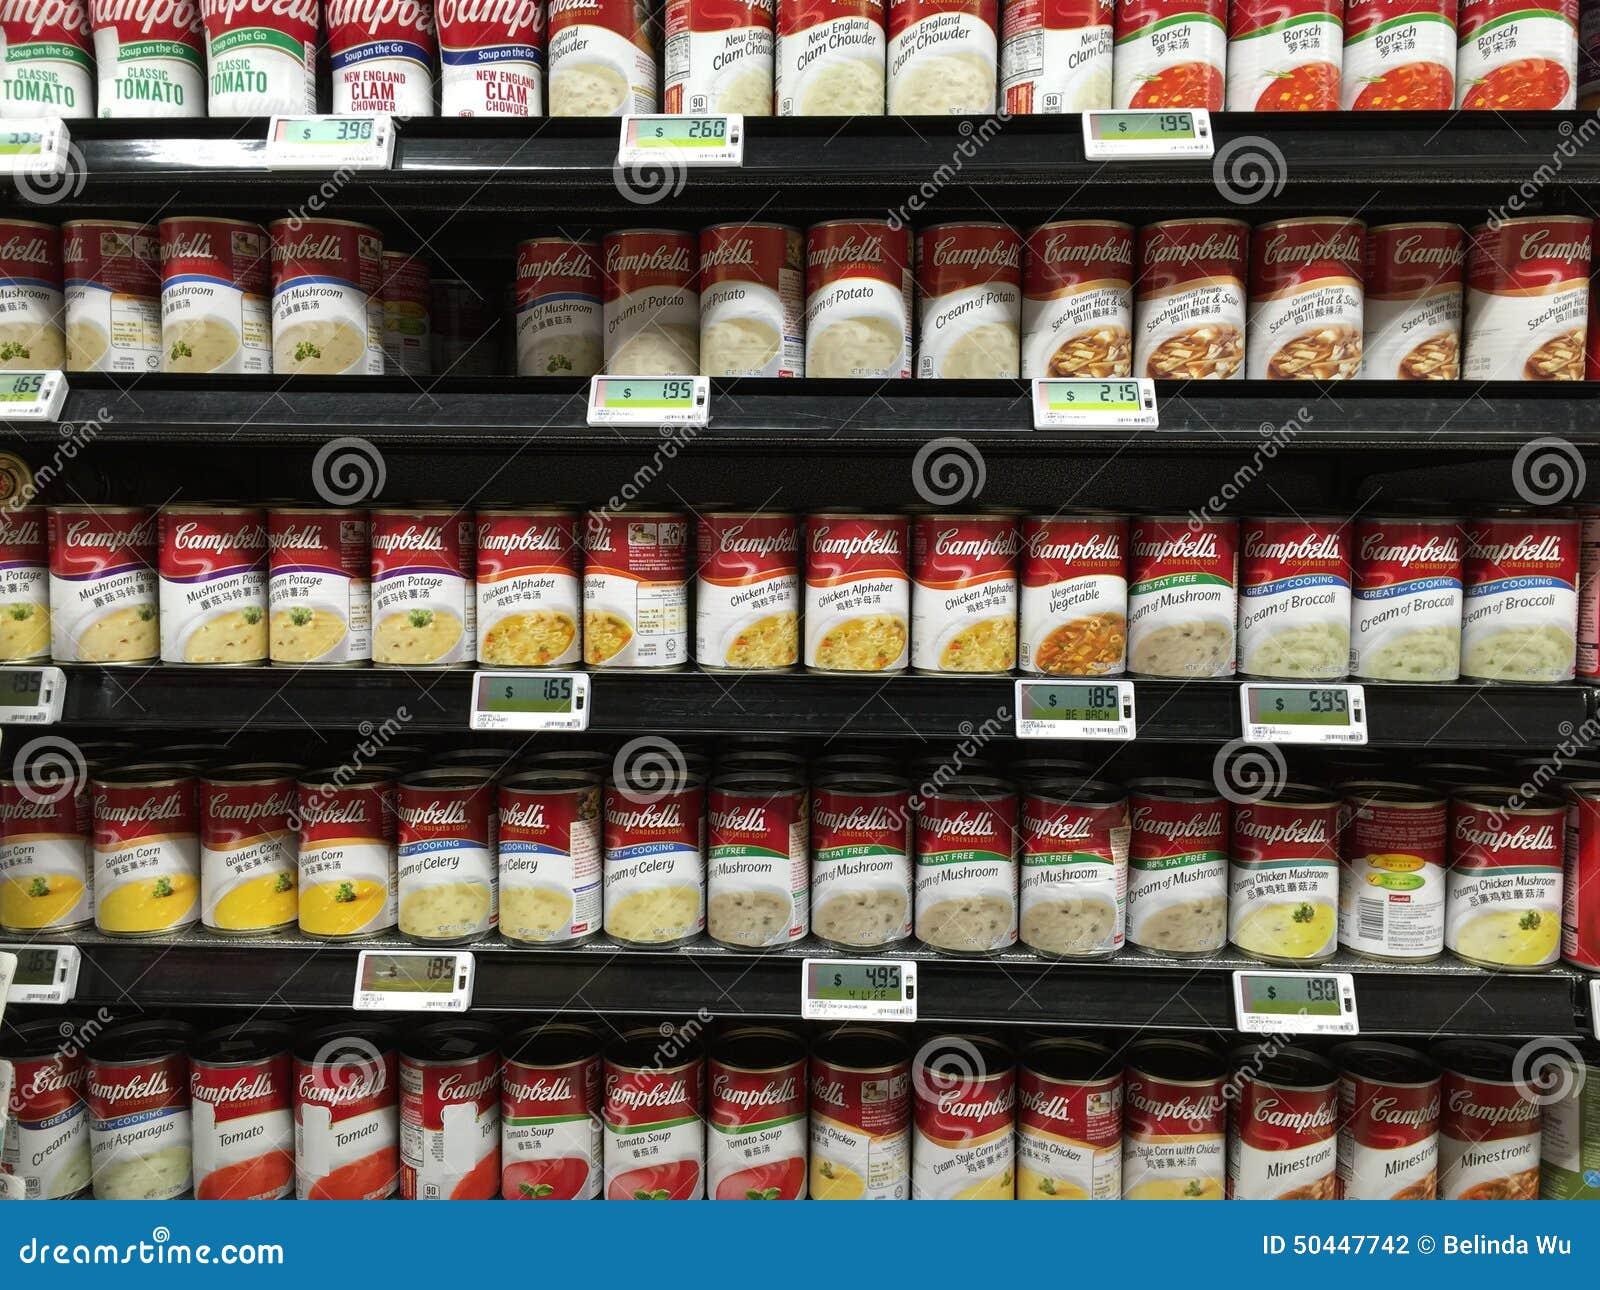 Peut la soupe photographie ditorial image 50447742 - Peut on congeler de la soupe ...